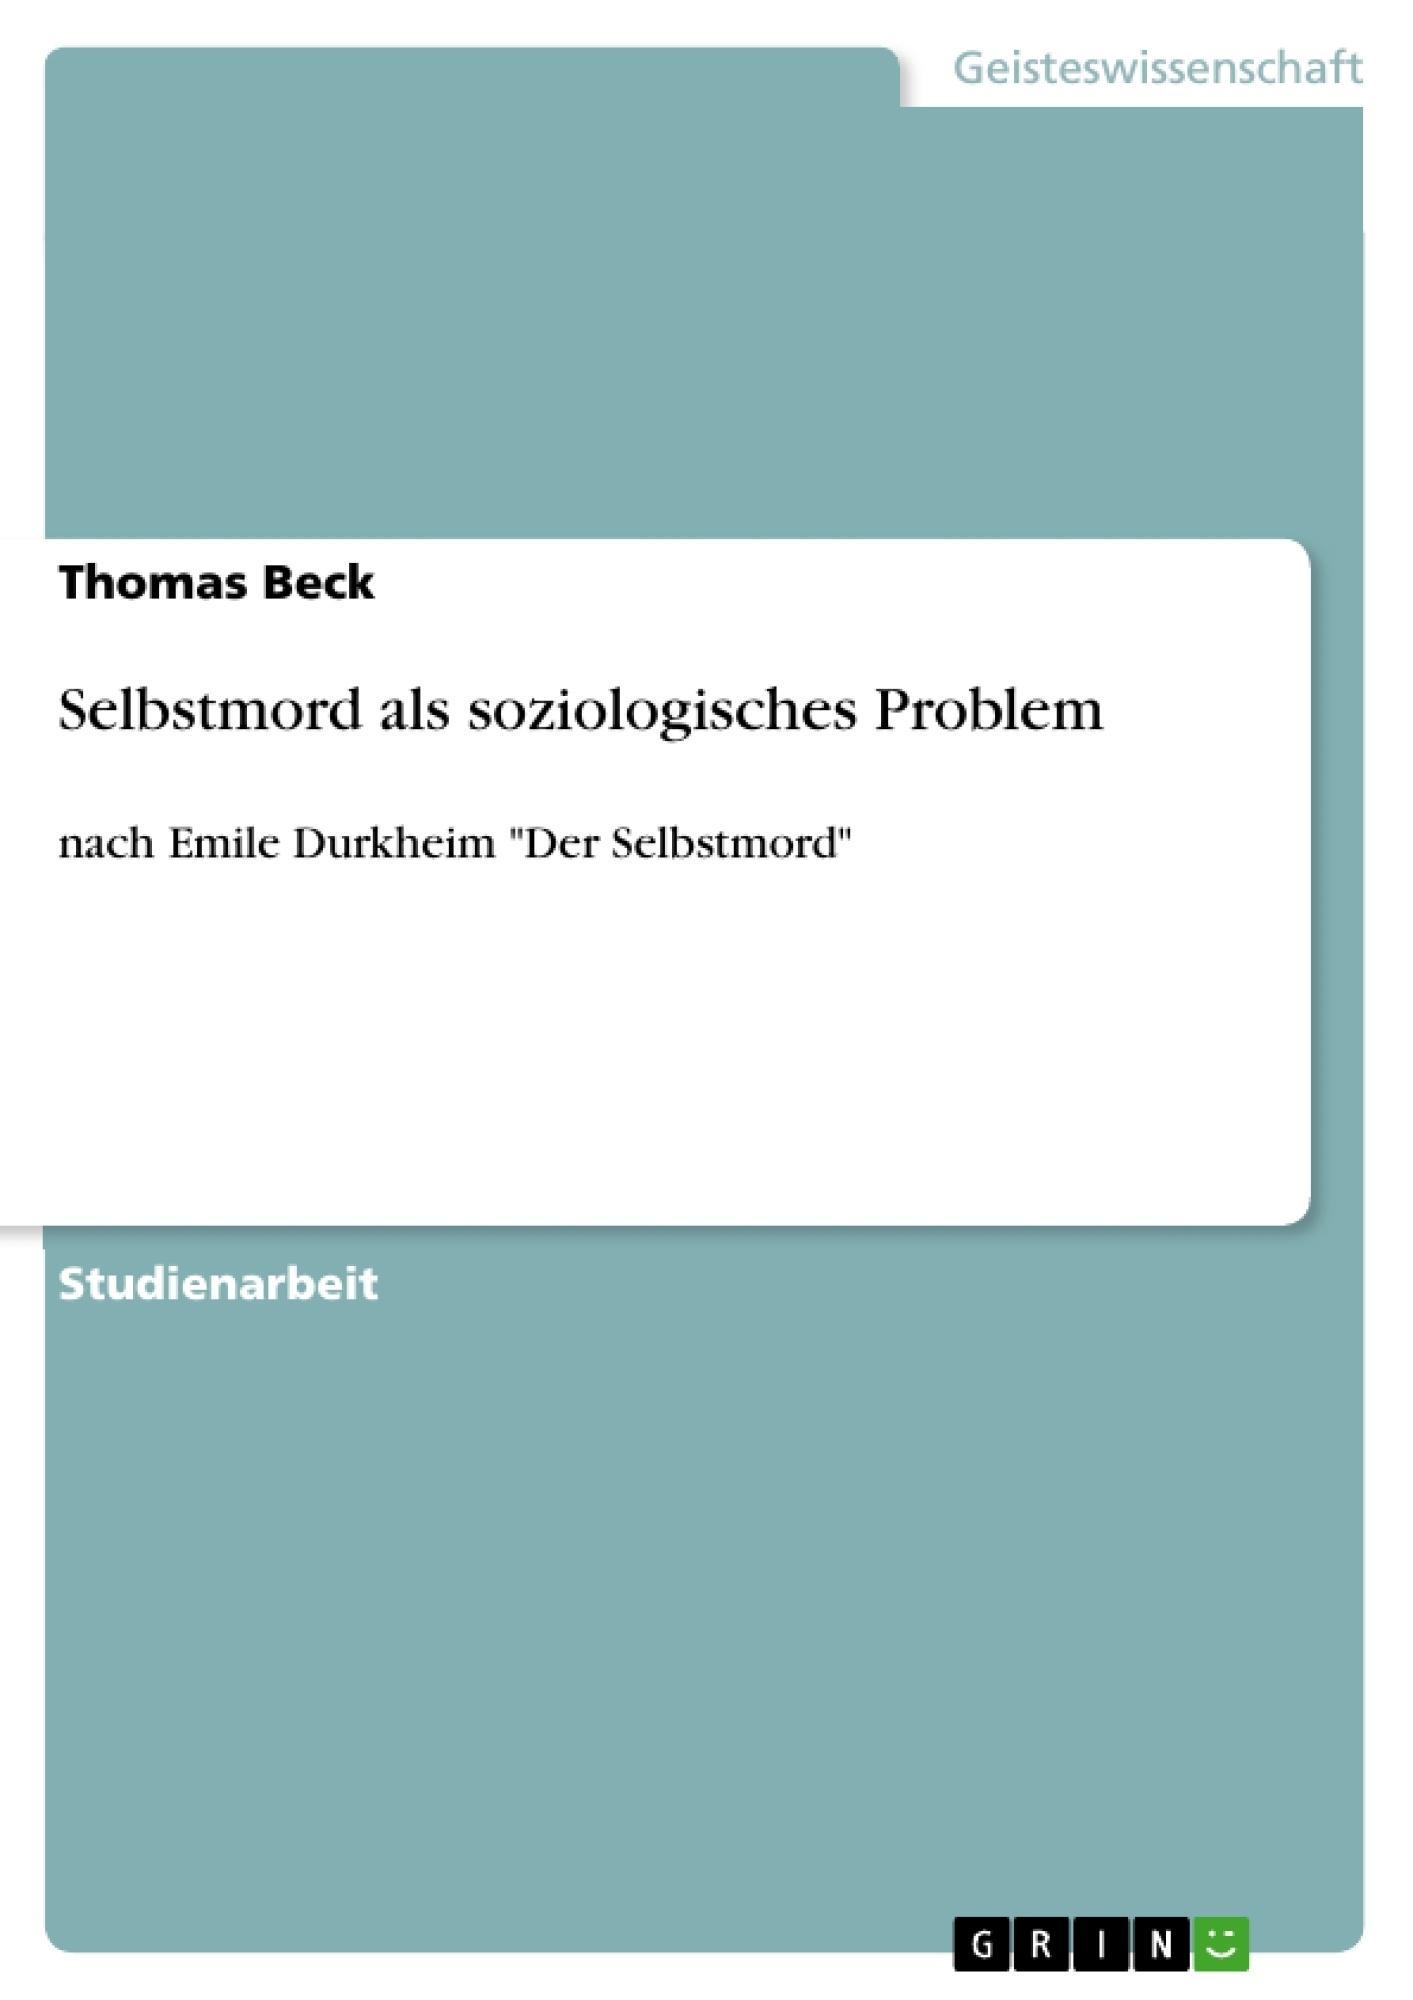 Titel: Selbstmord als soziologisches Problem